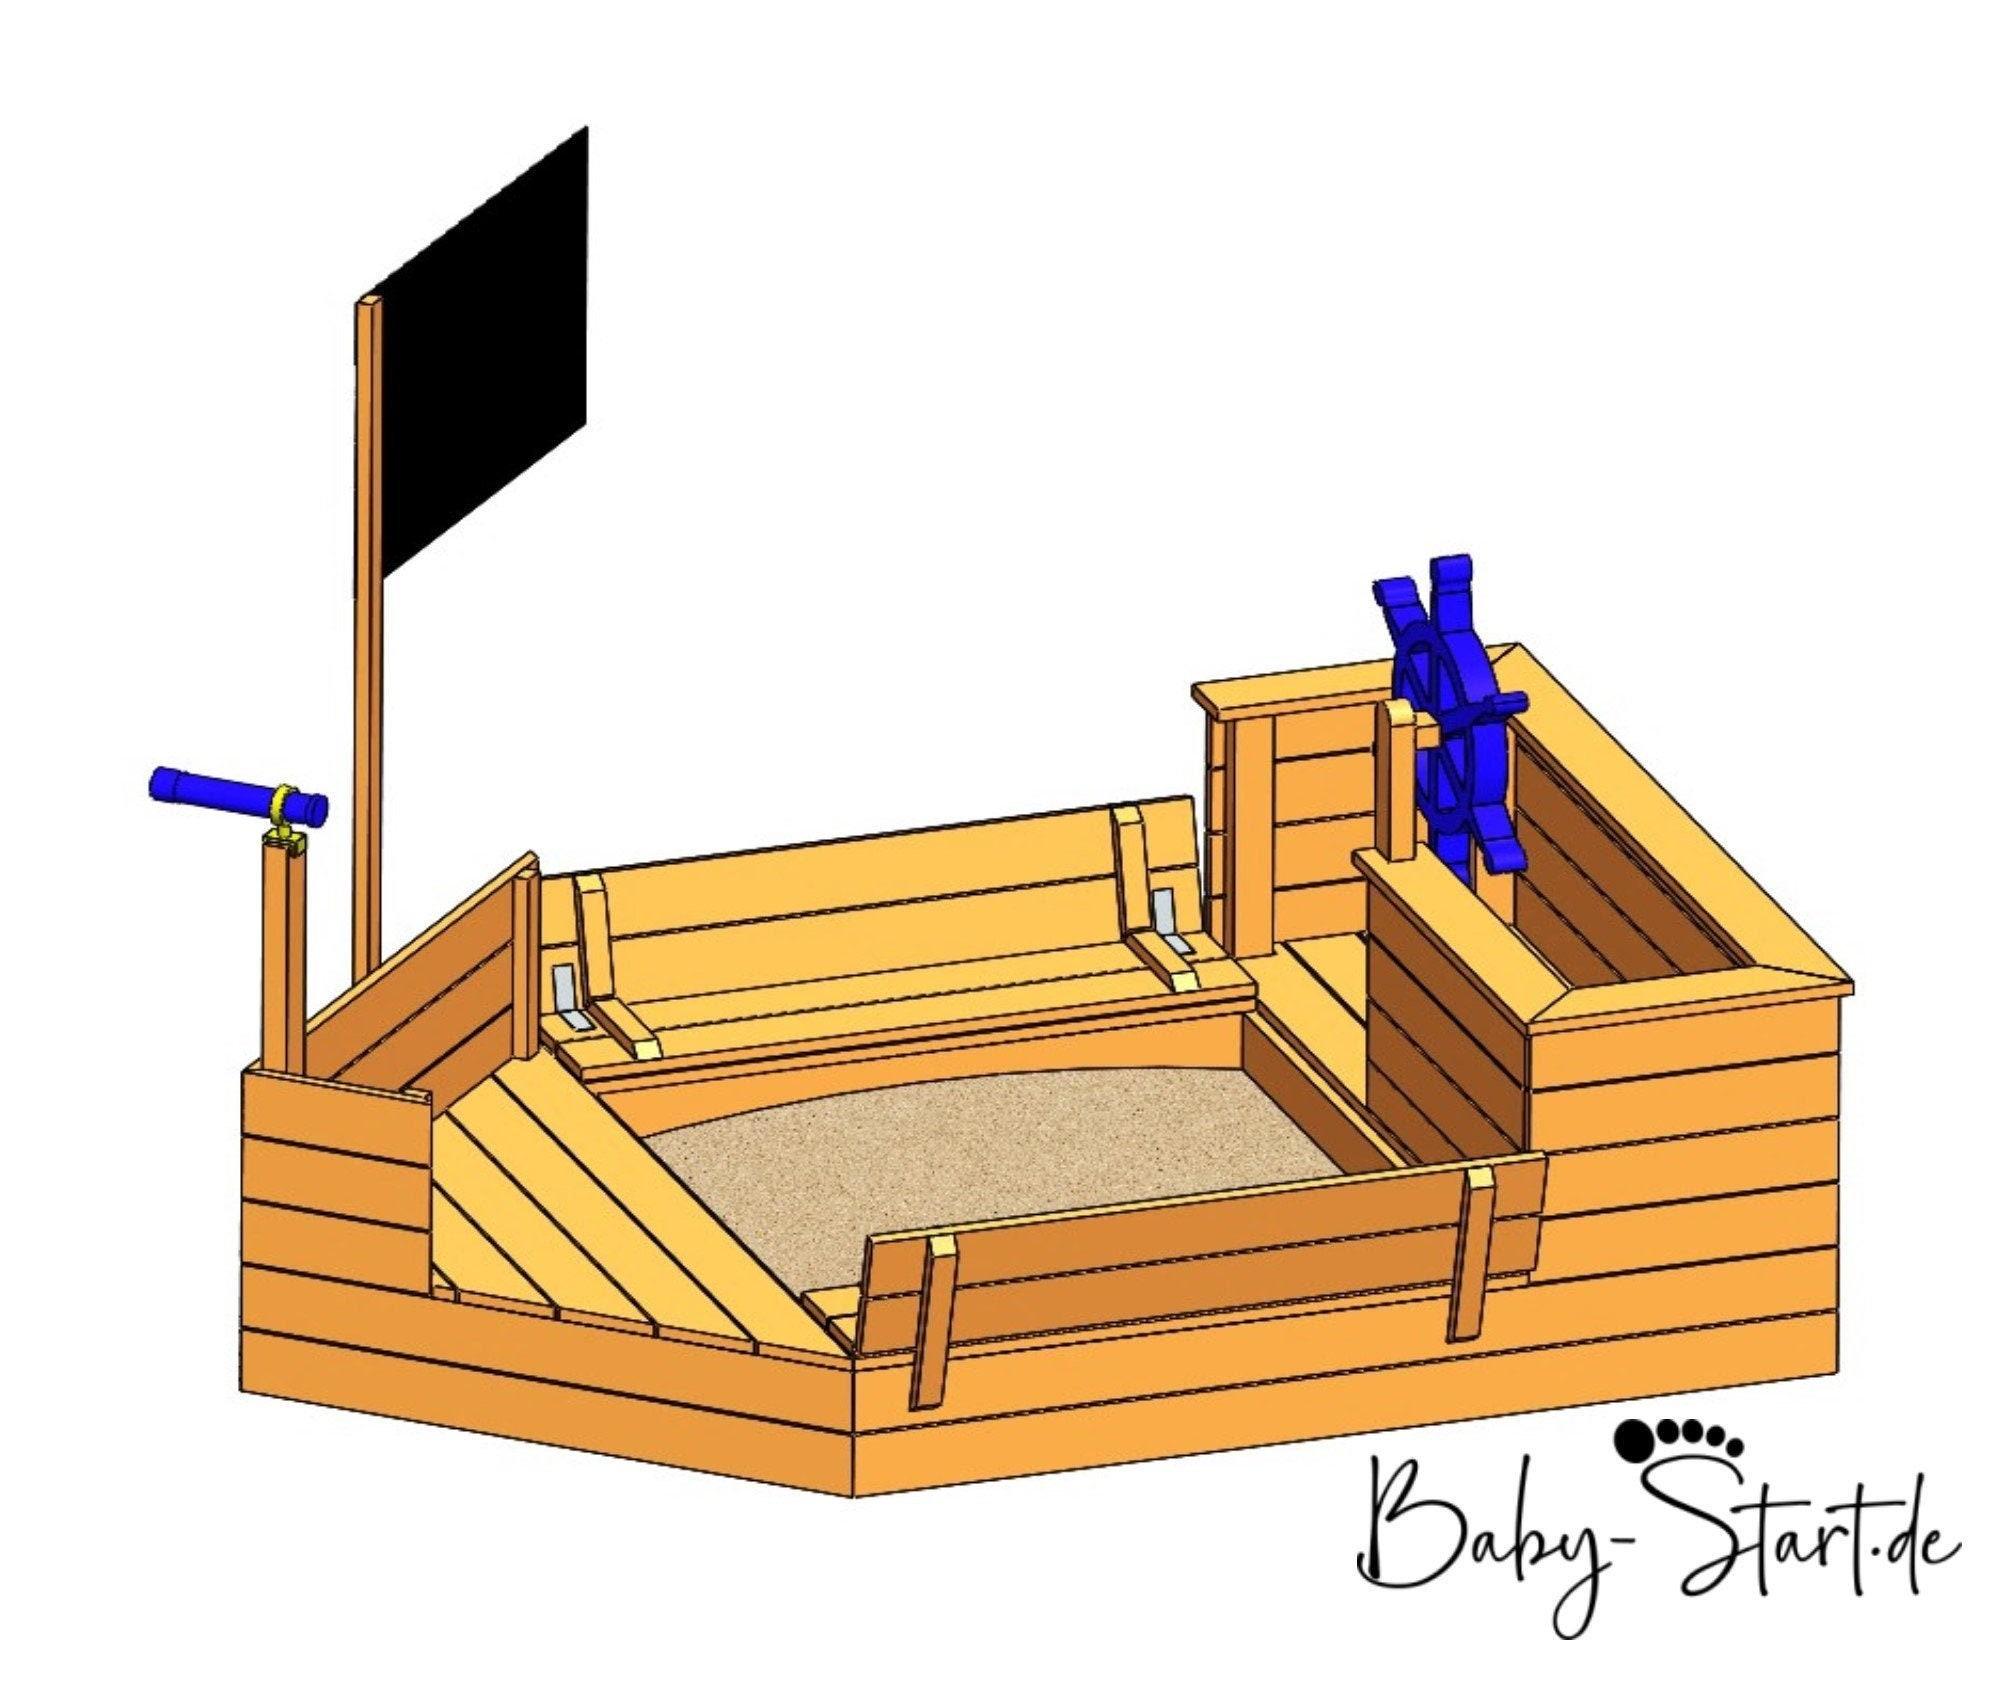 Sandkasten Piratenschiff mit Sitzbank und Deckel / Kinder Spielturm / DIY /  Schritt für Schritt Bauanleitung / PDF Download / 8 Seiten